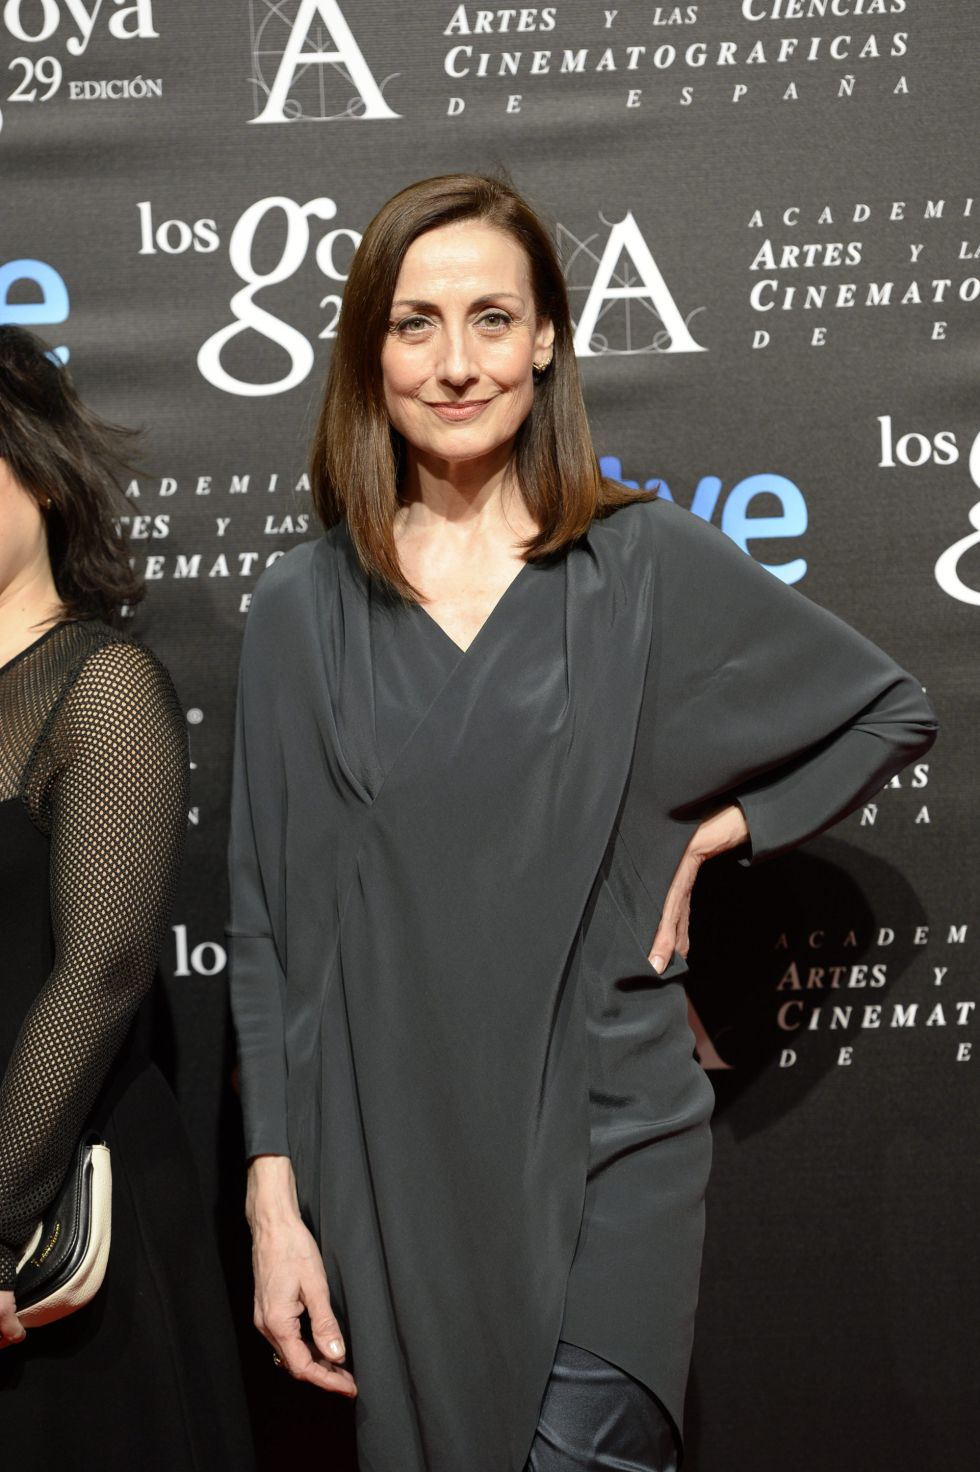 Carmen Elias